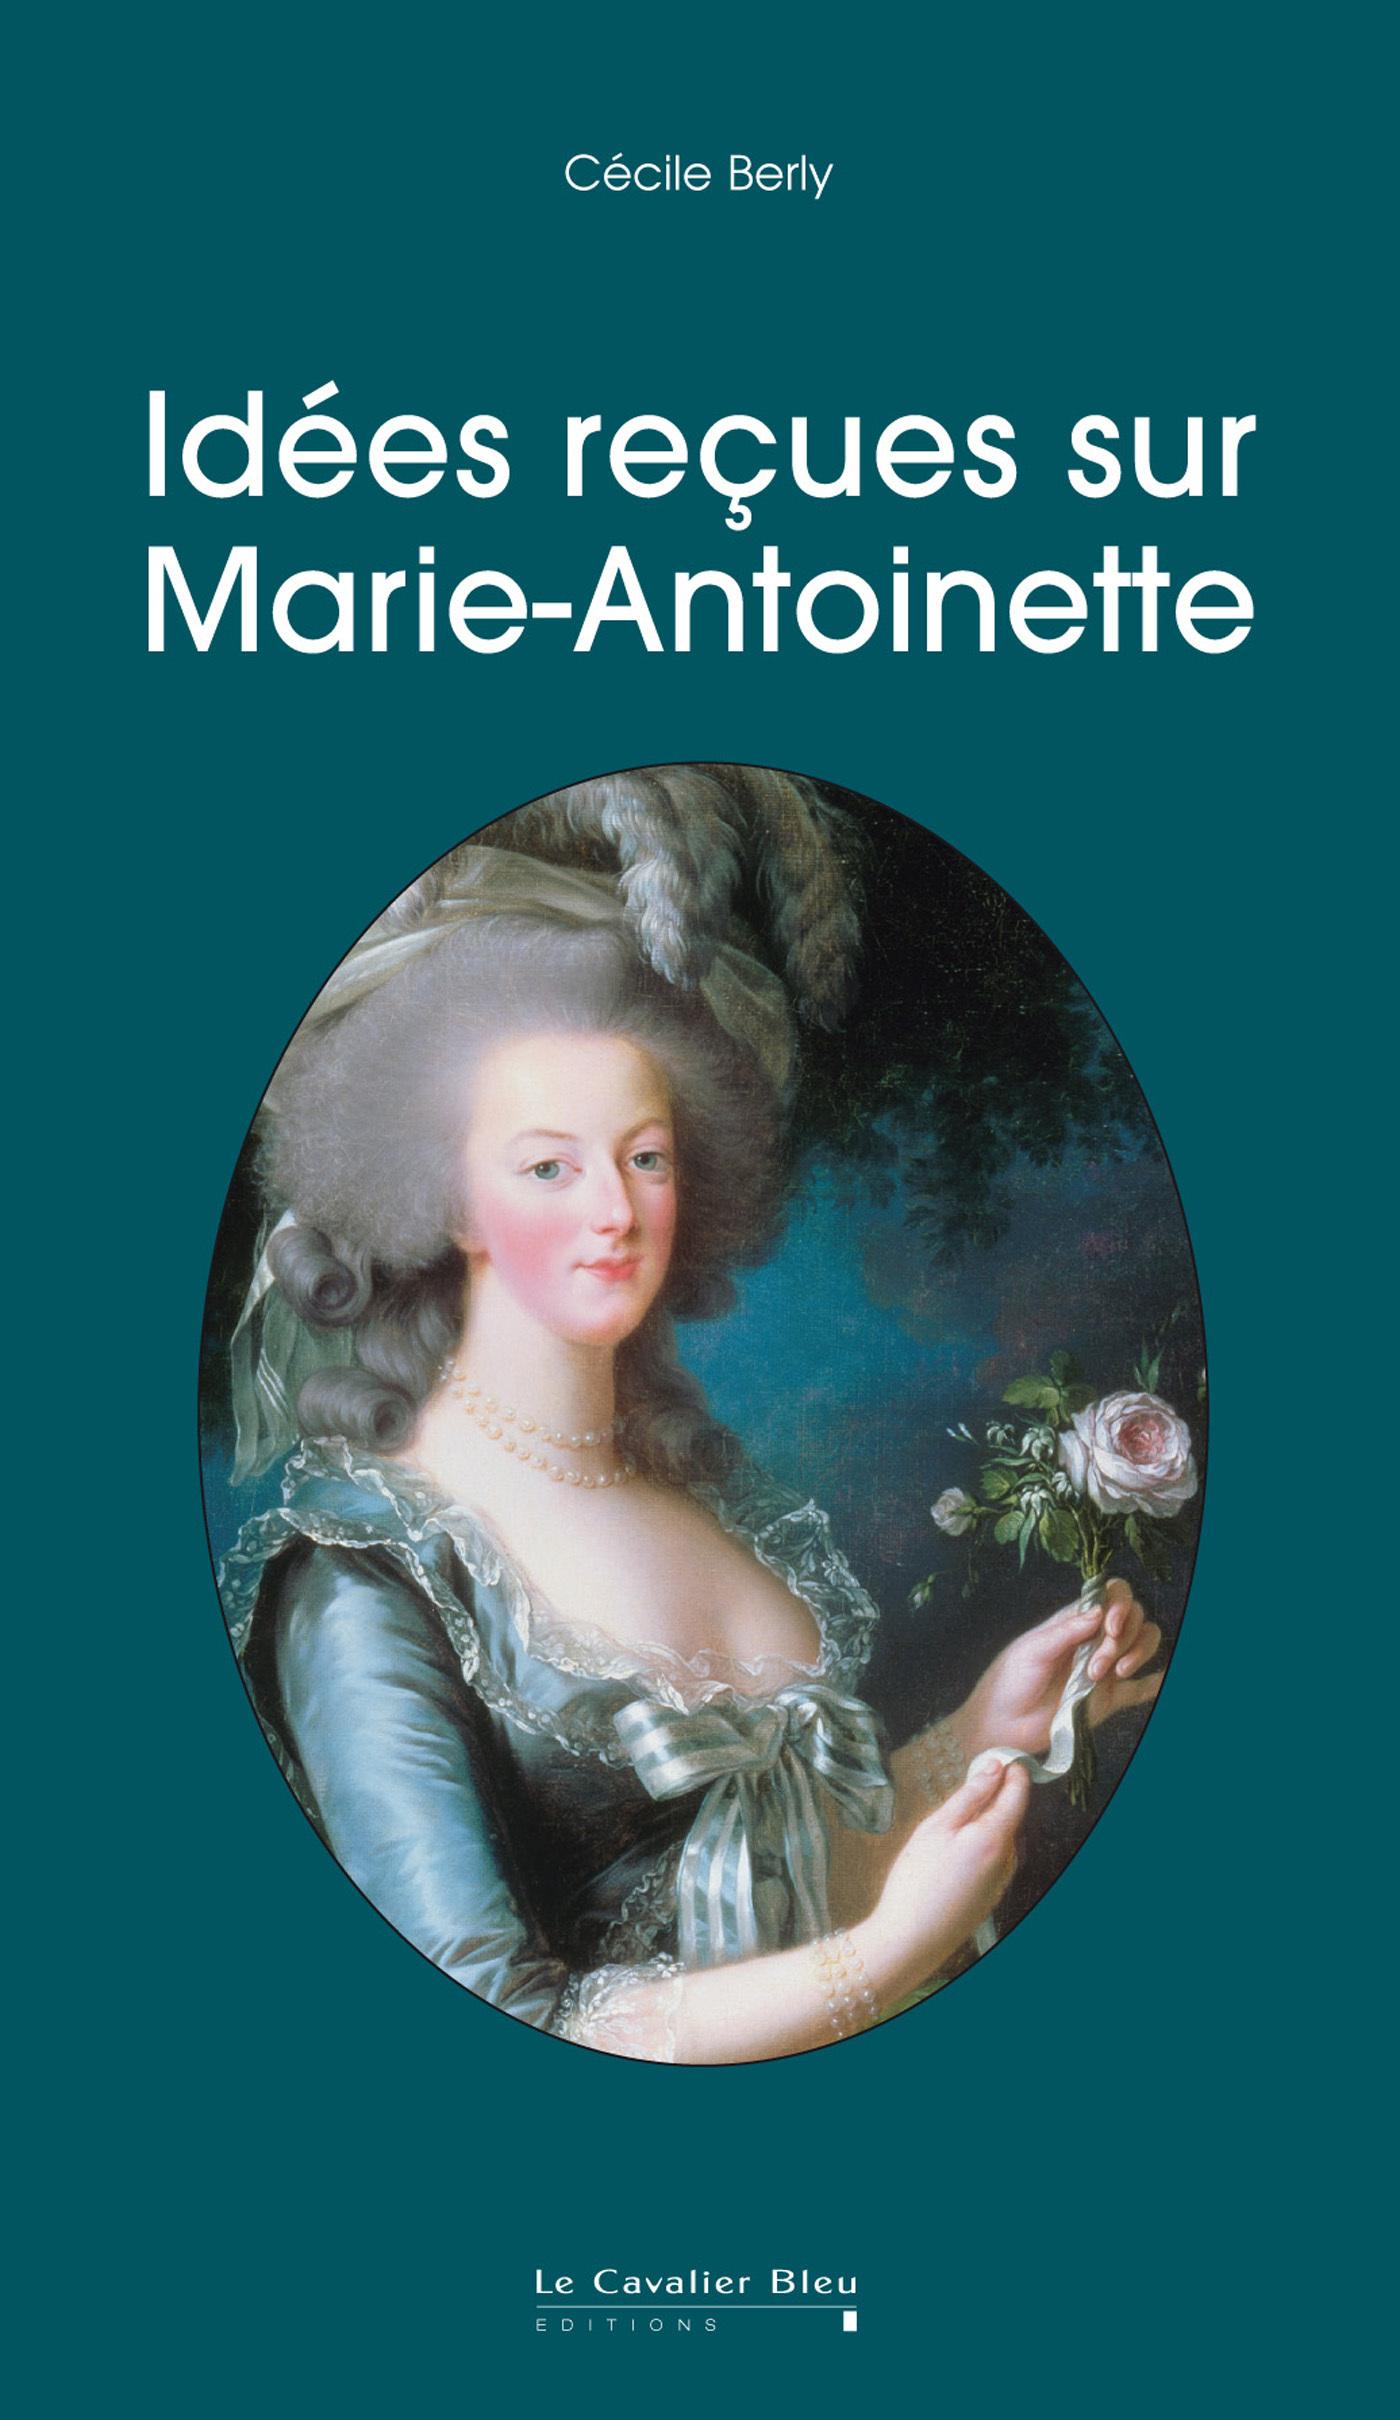 IDEES RECUES SUR MARIE-ANTOINETTE